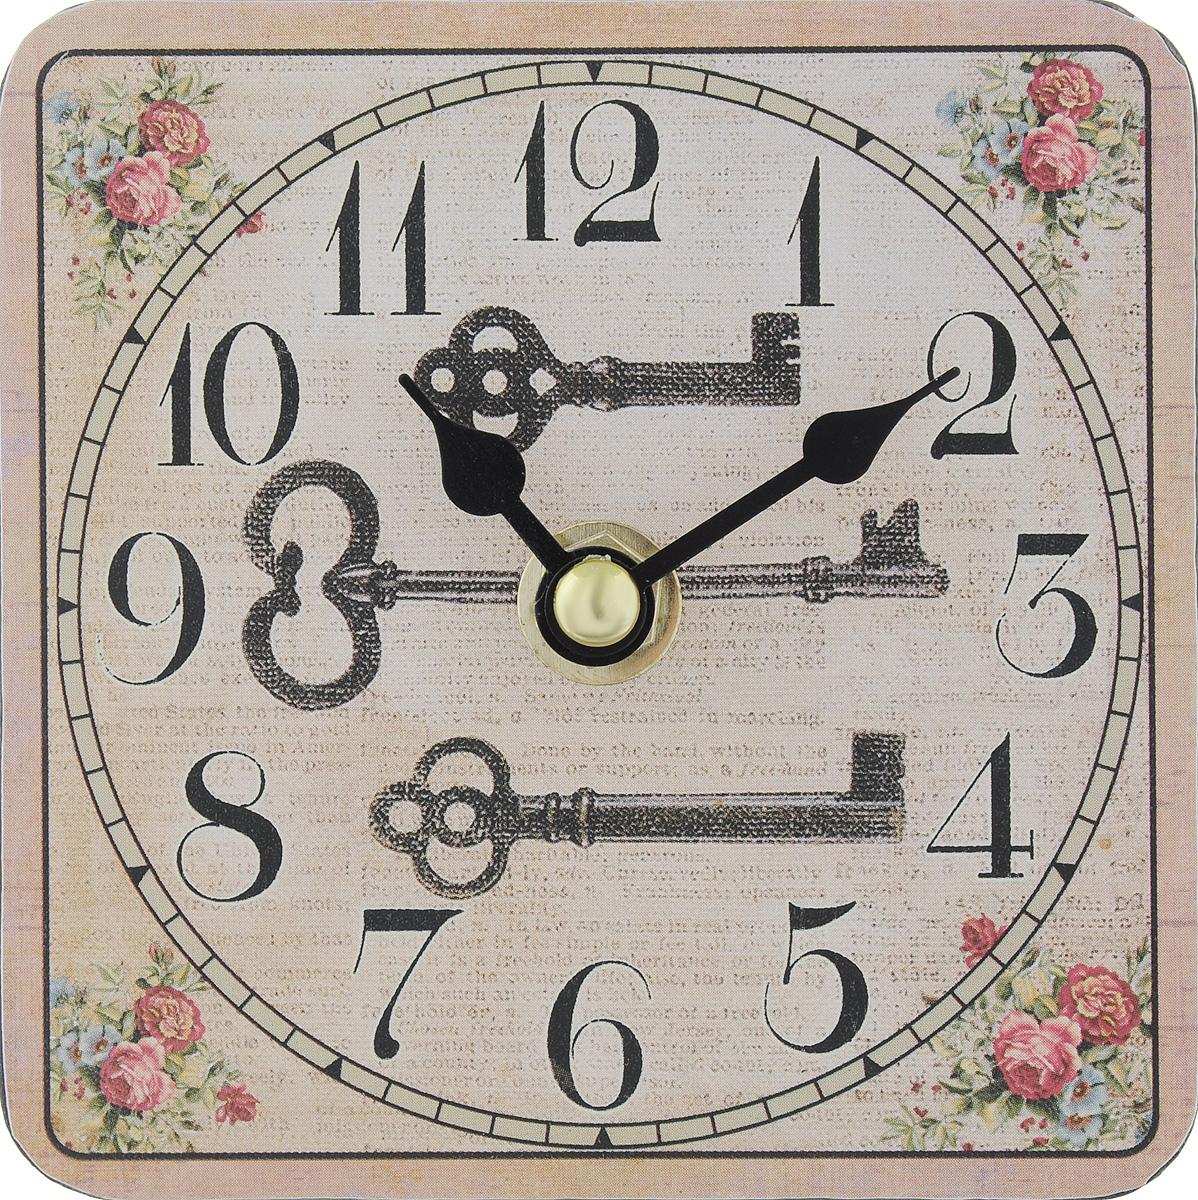 Часы настольные Феникс-Презент Волшебный ключик, 10 х 10 см300074_ежевикаНастольные часы квадратной формы Феникс-Презент Волшебный ключик своим эксклюзивным дизайном подчеркнут оригинальность интерьера вашего дома. Циферблат оформлен изображением цветов и тремя ключами. Часы выполнены из МДФ. МДФ (мелкодисперсные фракции) представляет собой плиту из запрессованной вакуумным способом деревянной пыли и является наиболее экологически чистым материалом среди себе подобных. Изделие имеет две стрелки - часовую и минутную.Настольные часы Феникс-Презент Волшебный ключик подходят для кухни, гостиной, прихожей или дачи, а также могут стать отличным подарком для друзей и близких.ВНИМАНИЕ!!! Часы работают от сменной батареи типа АА 1,5V (в комплект не входит).